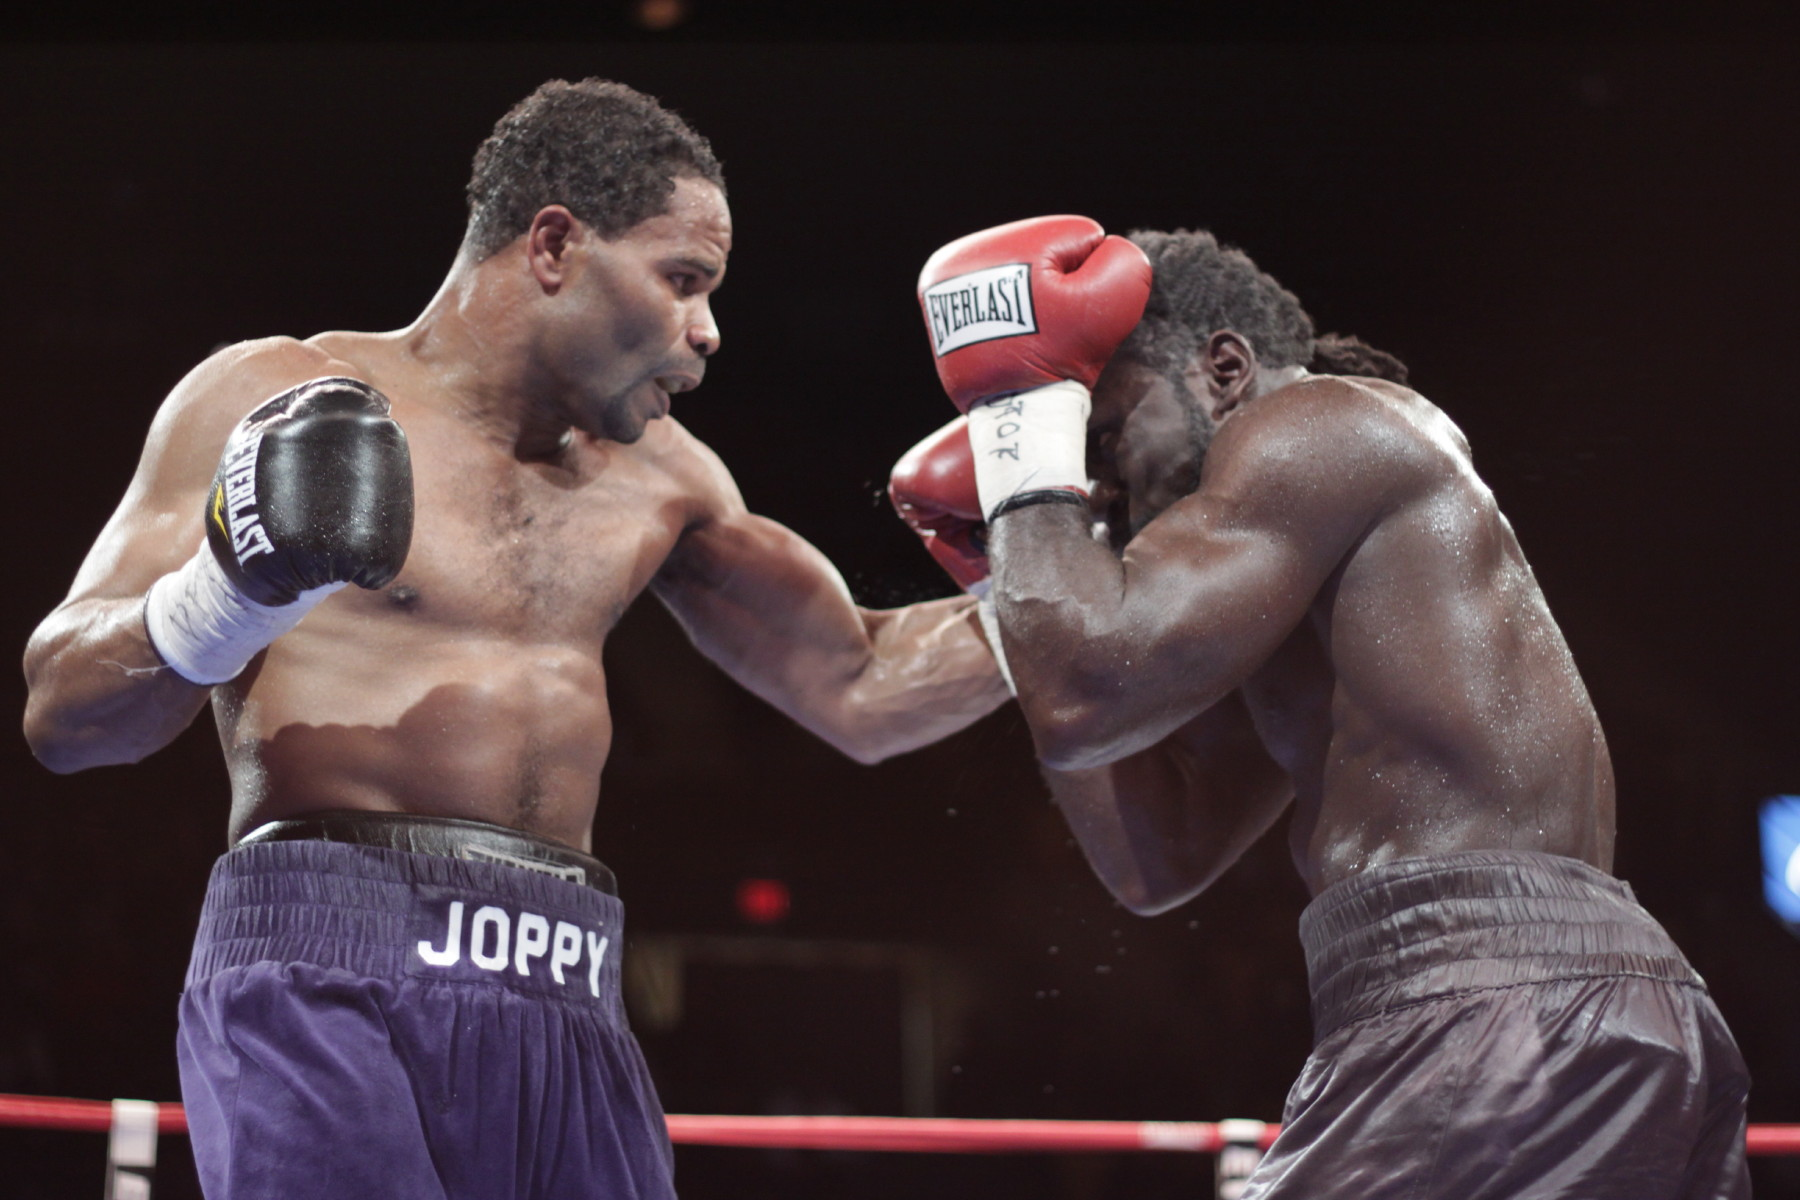 http://www.fightkings.com/wp-content/uploads/2010/11/LangeWyatt_1453_1_1.jpg